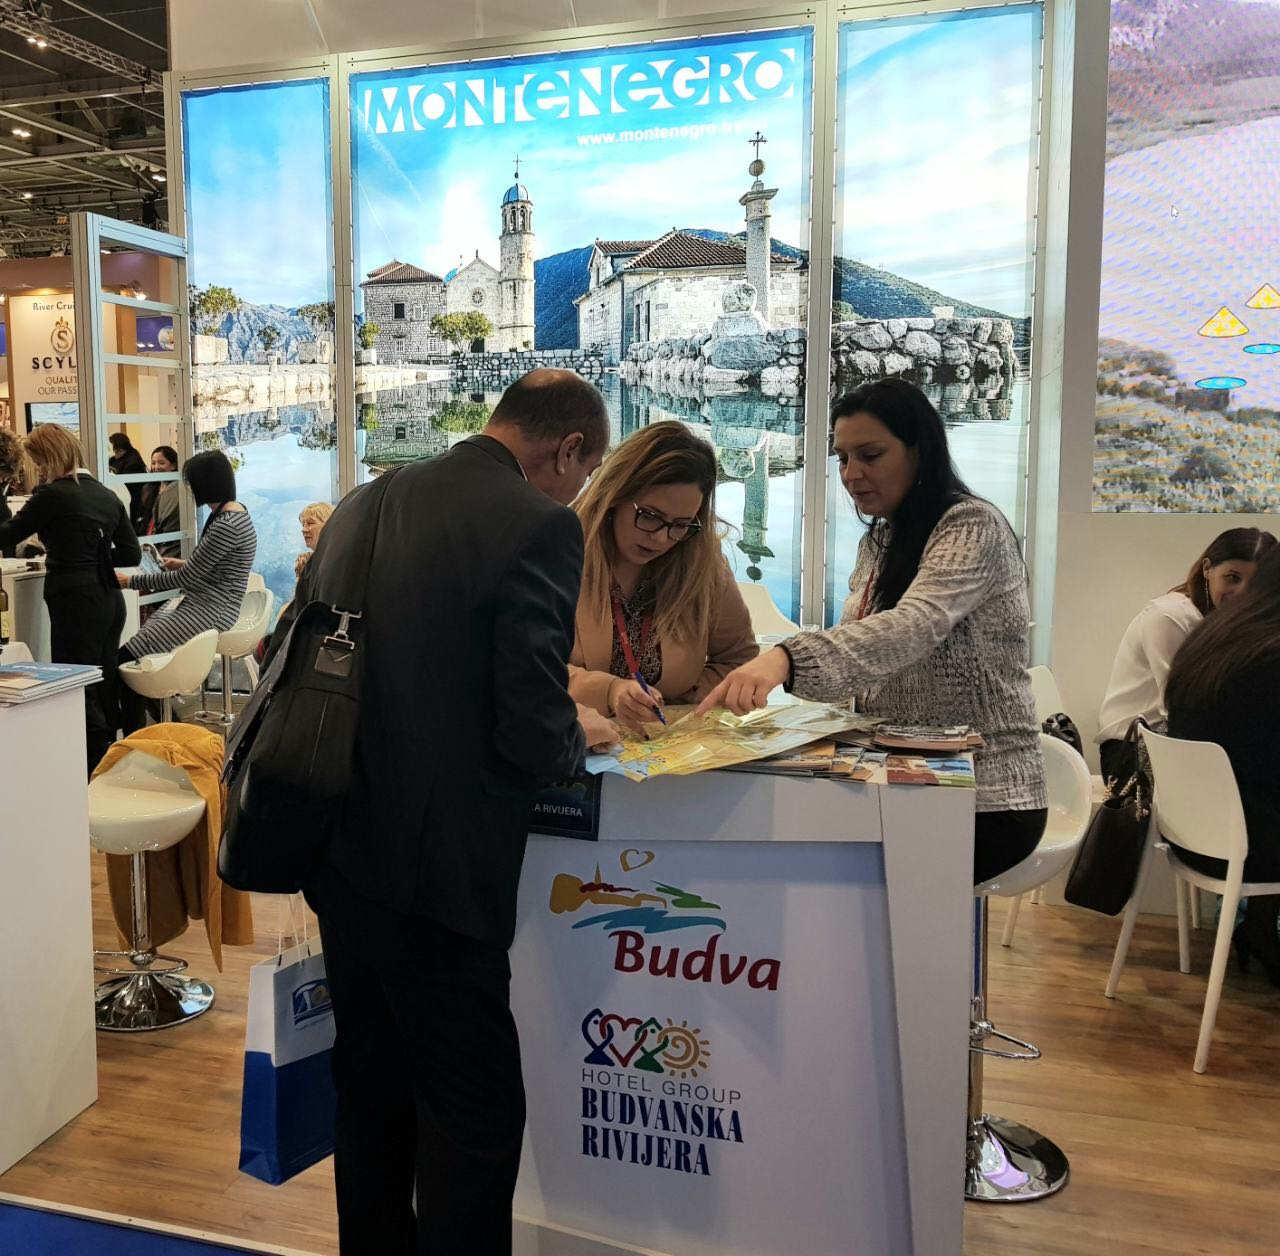 budva-weather budva budva-registration-fee budva-sea budva-hotels